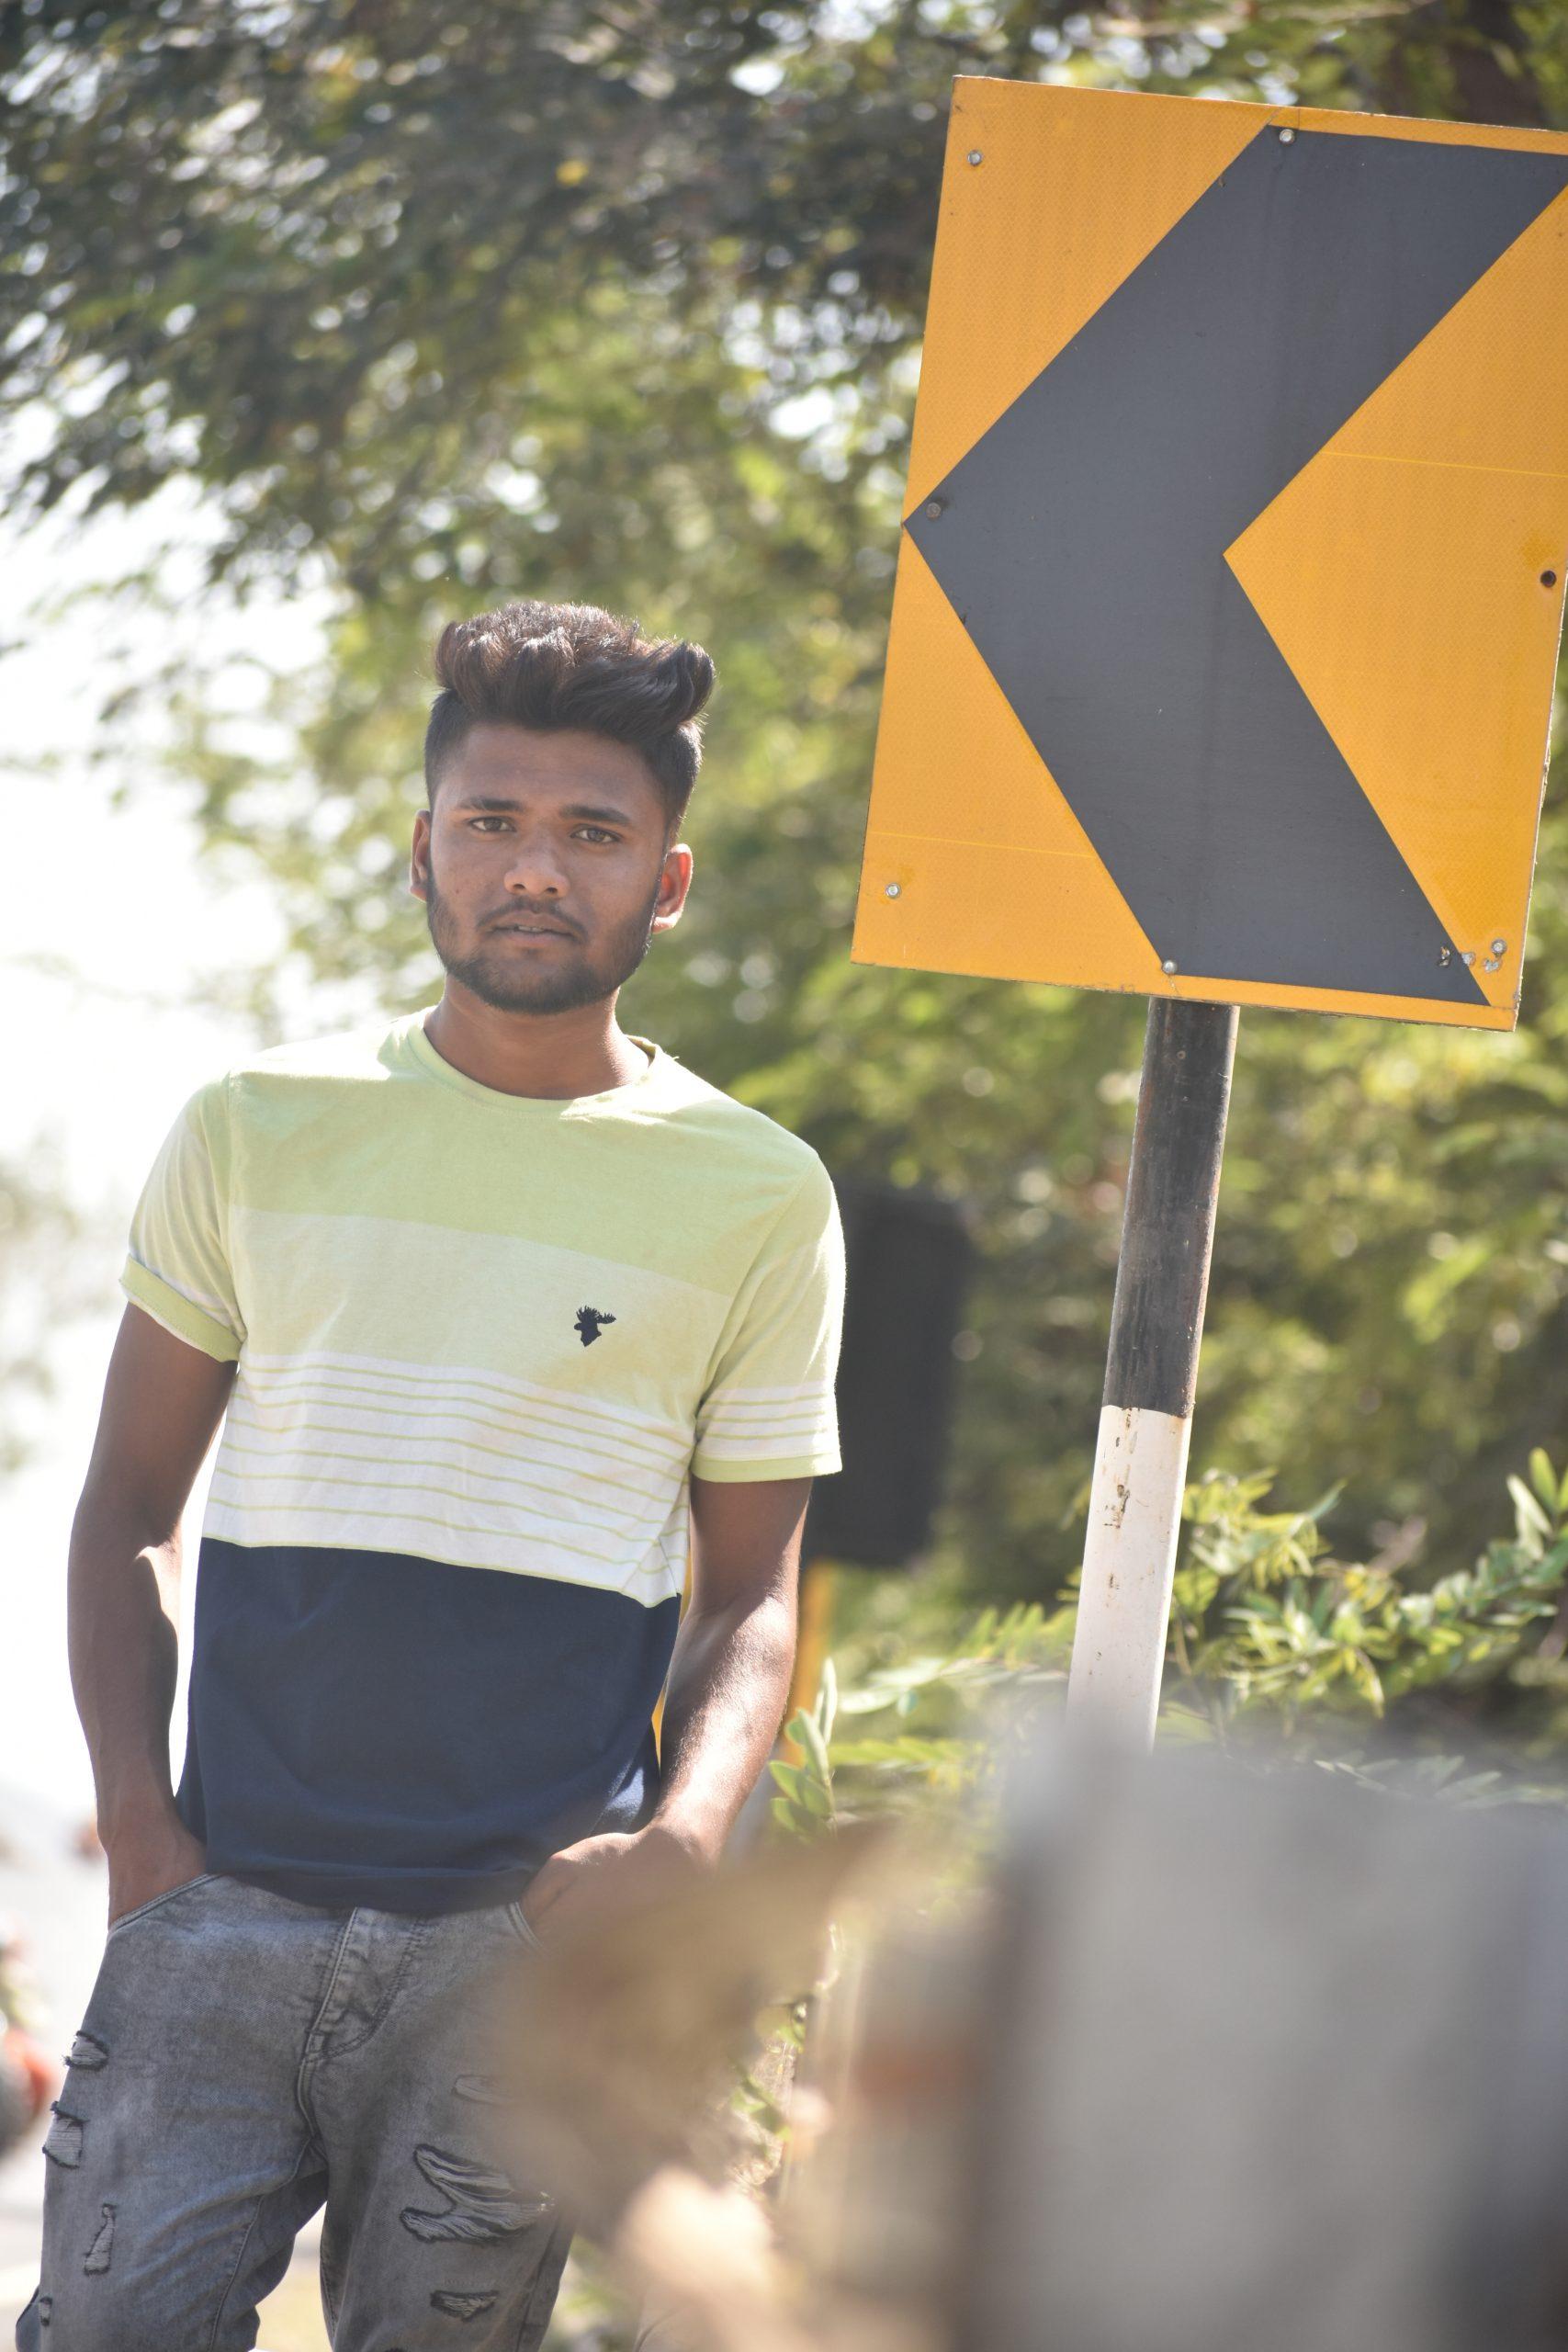 Boy posing roadside